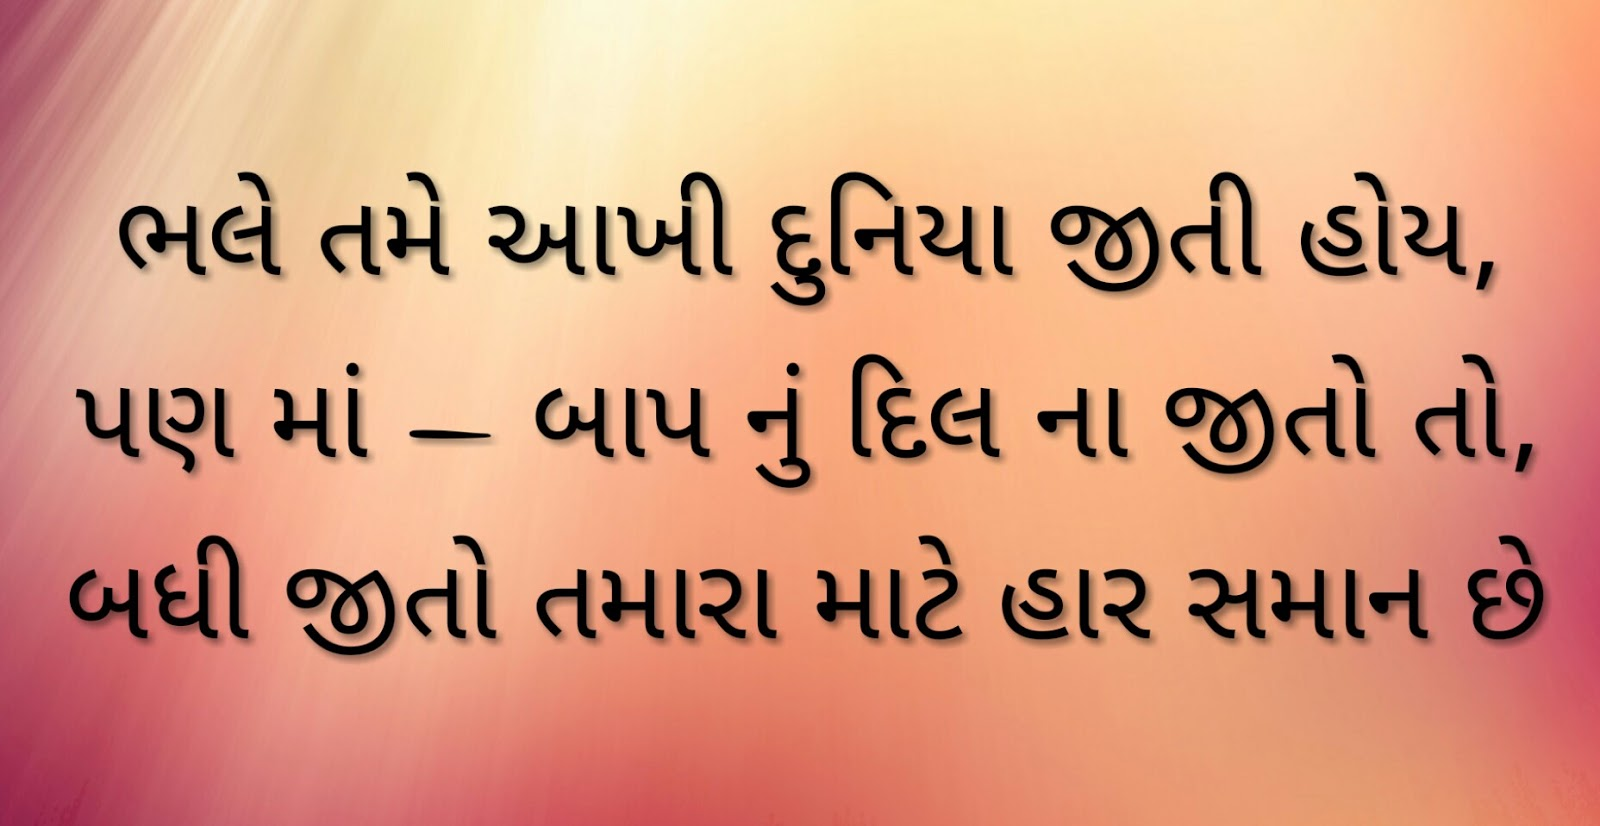 Best Gujarati Suvichar Sms True Hindi Help